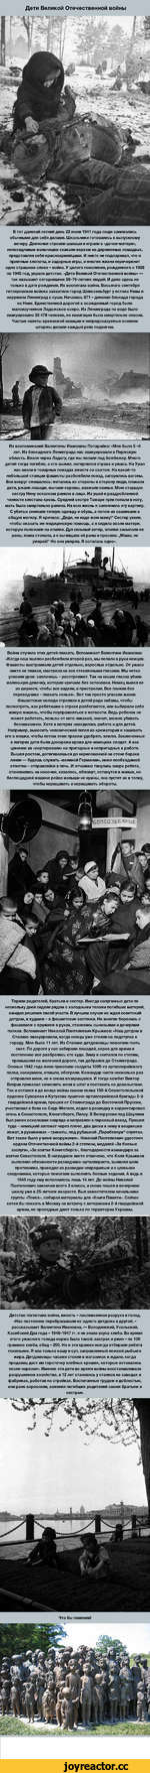 Дети Великой Отечественной войны В тот далекий летний день 22 июня 1941 года люди занимались обычными для себя делами. Школьники готовились к выпускному вечеру. Девчонки строили шалаши и играли в «дочки-матери», непоседливые мальчишки скакали верхом на деревянных лошадках, представляя себя красноа